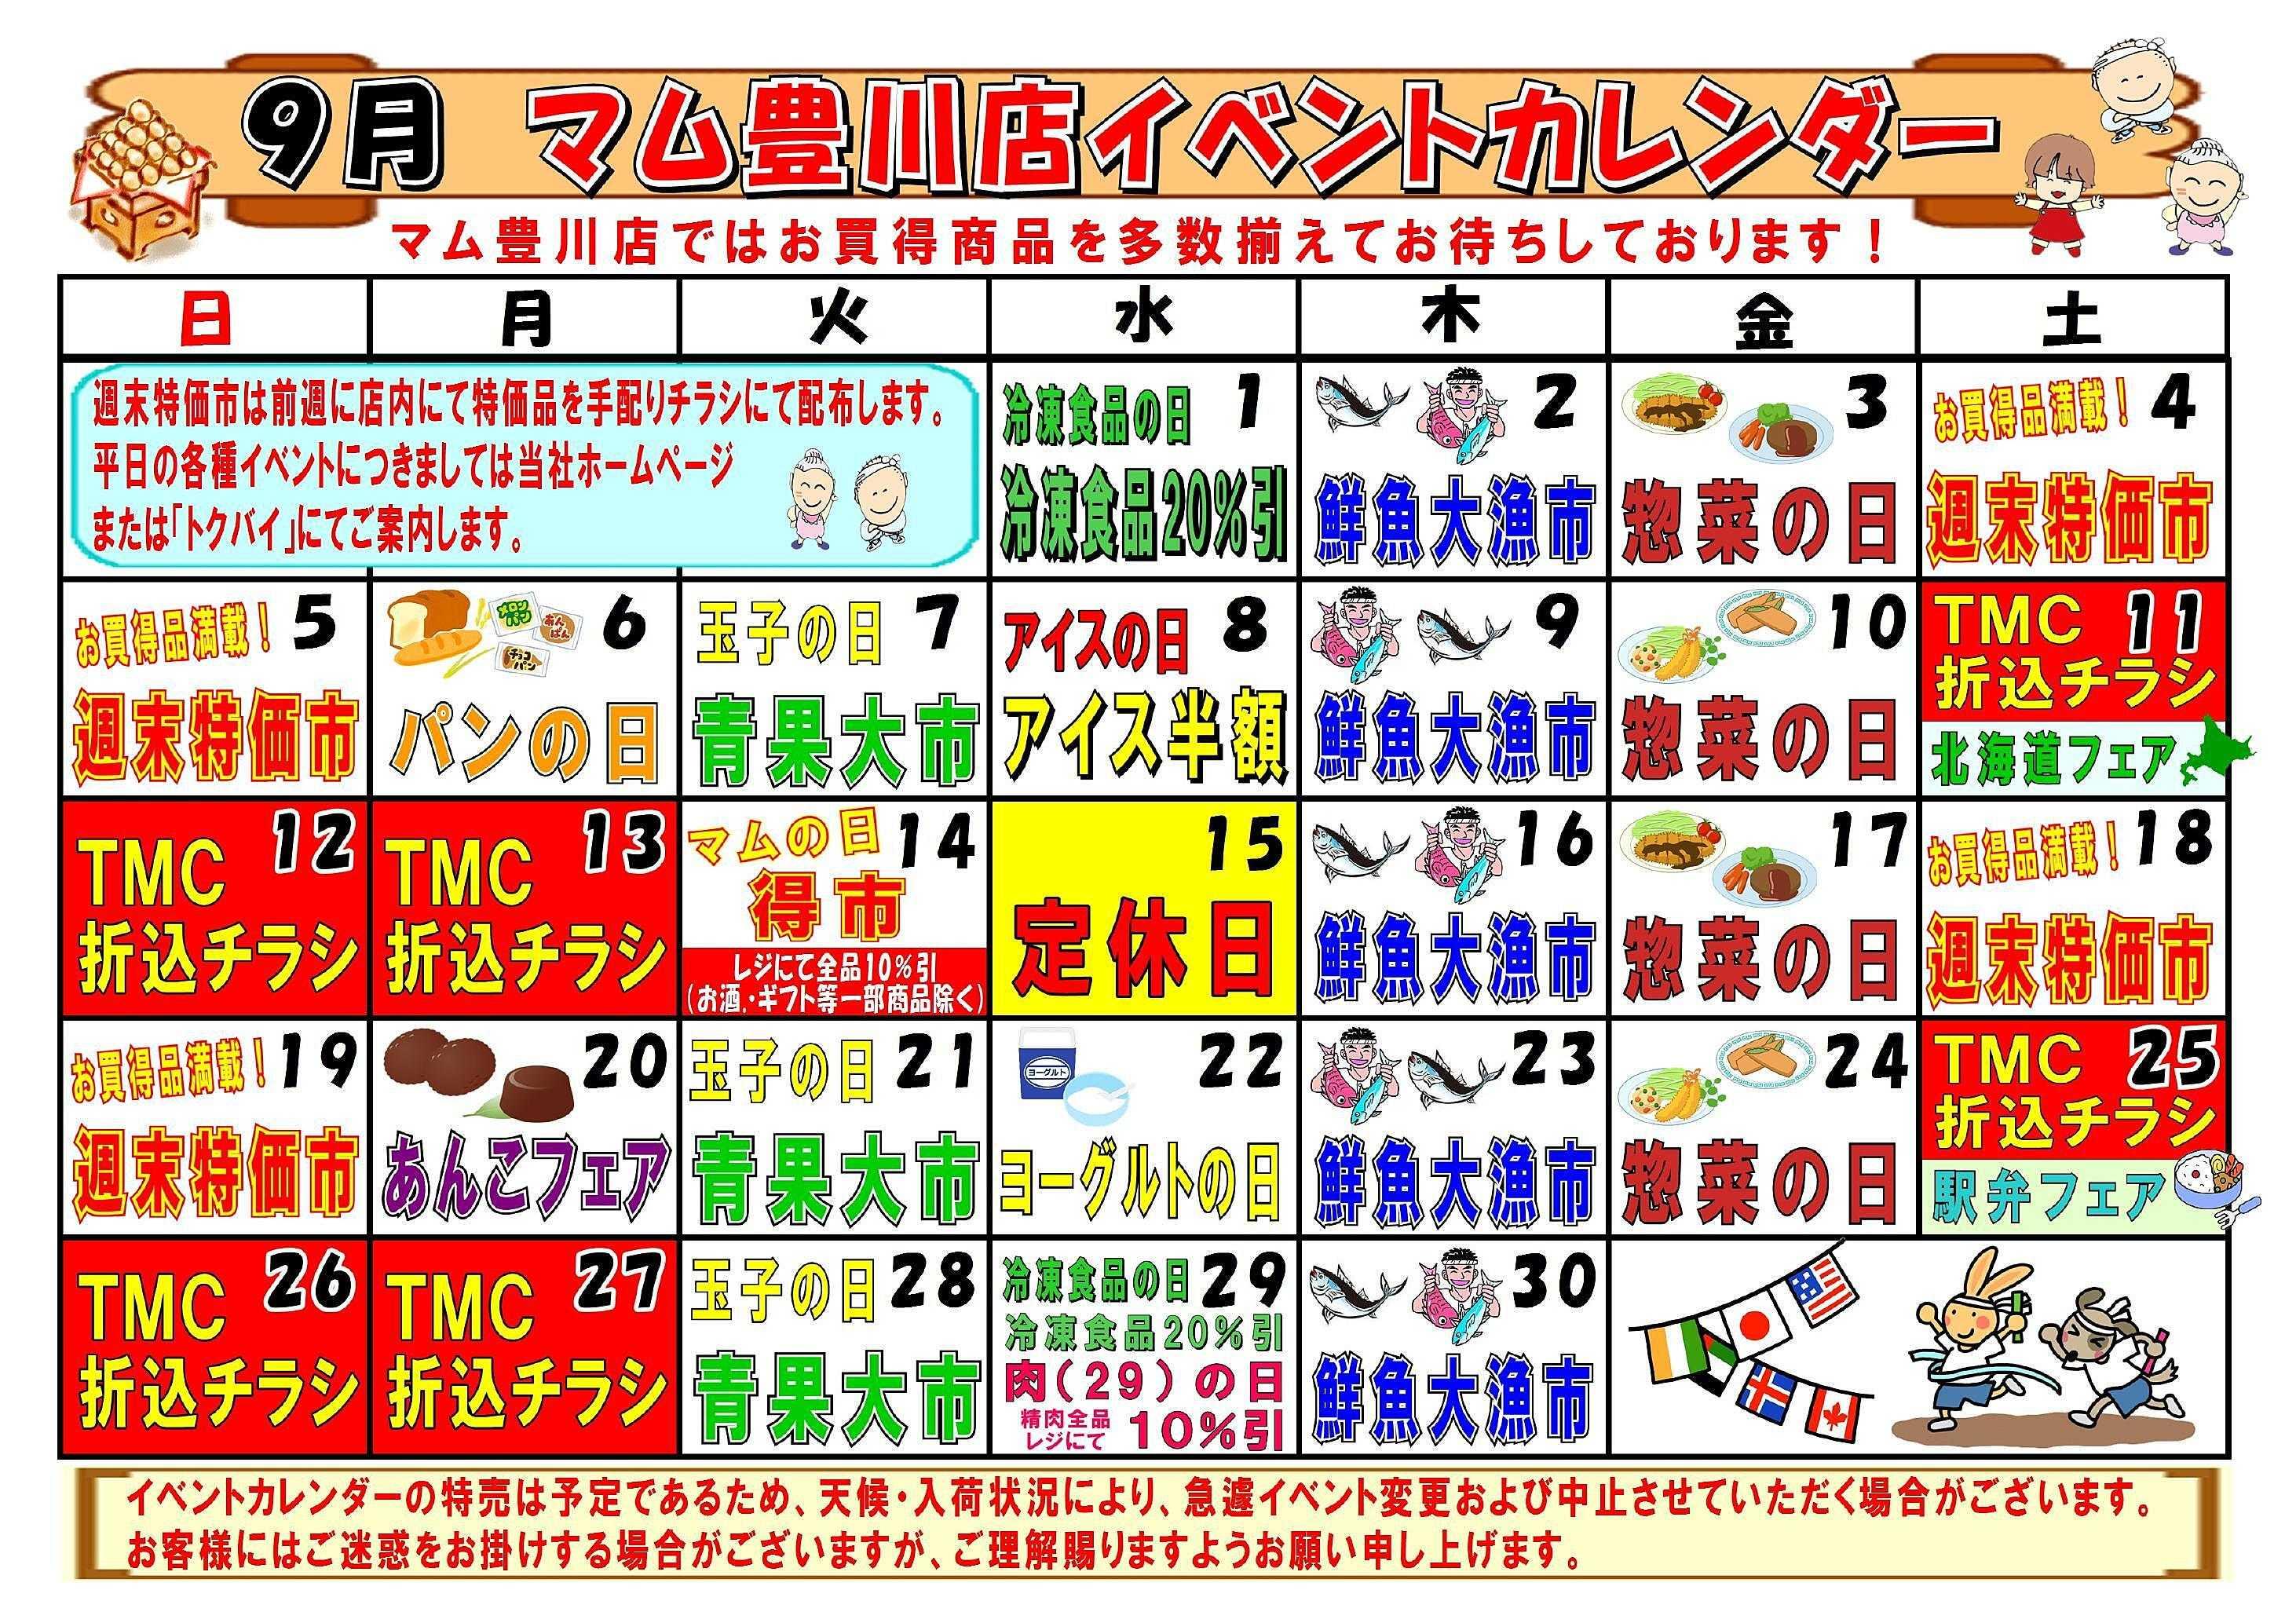 フードマーケット マム マム豊川店イベントカレンダー